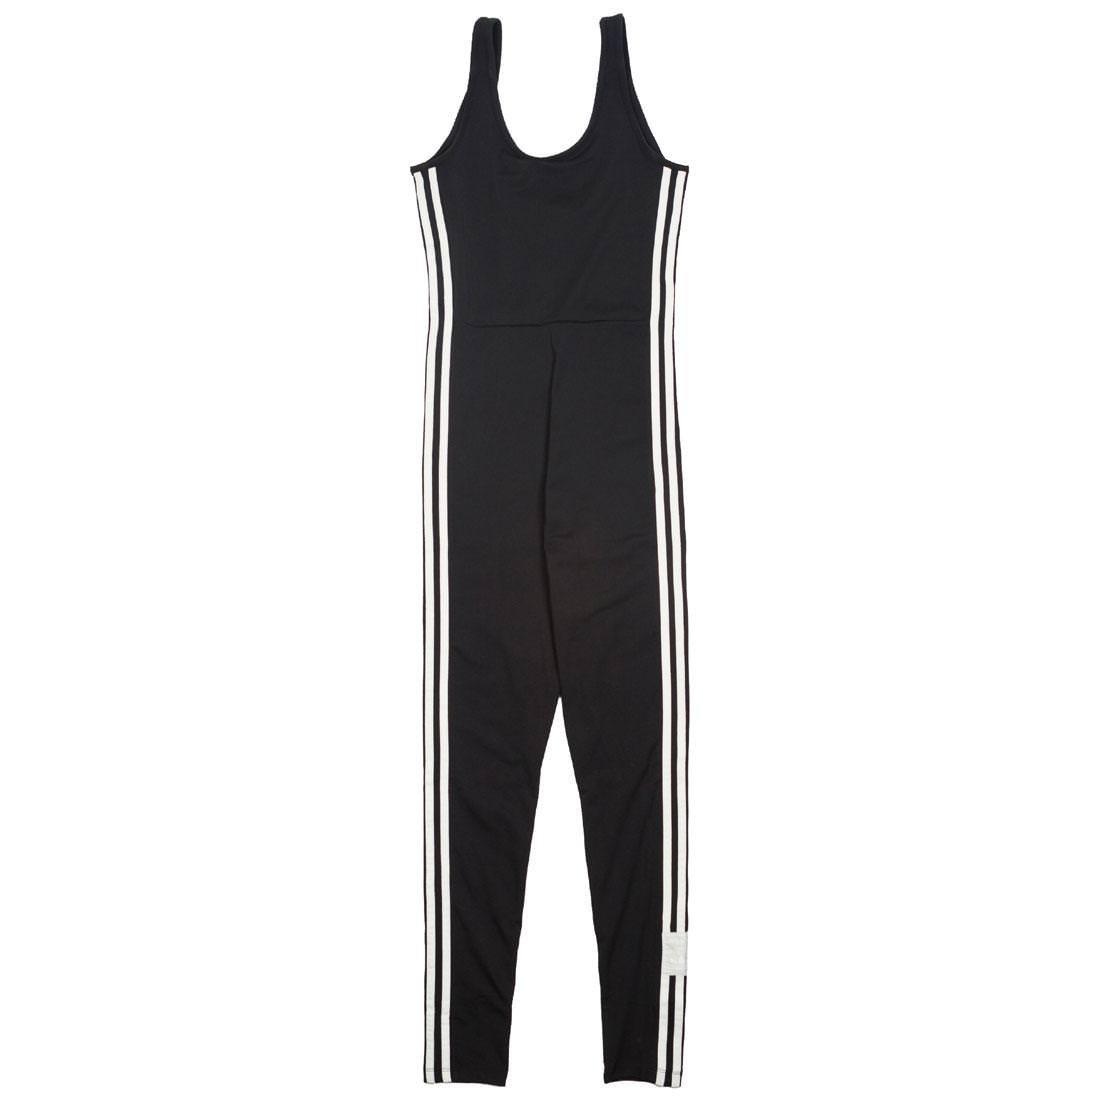 5248f65defa adidas Womens Adibreak Jumpsuit - Black -: Amazon.co.uk: Clothing